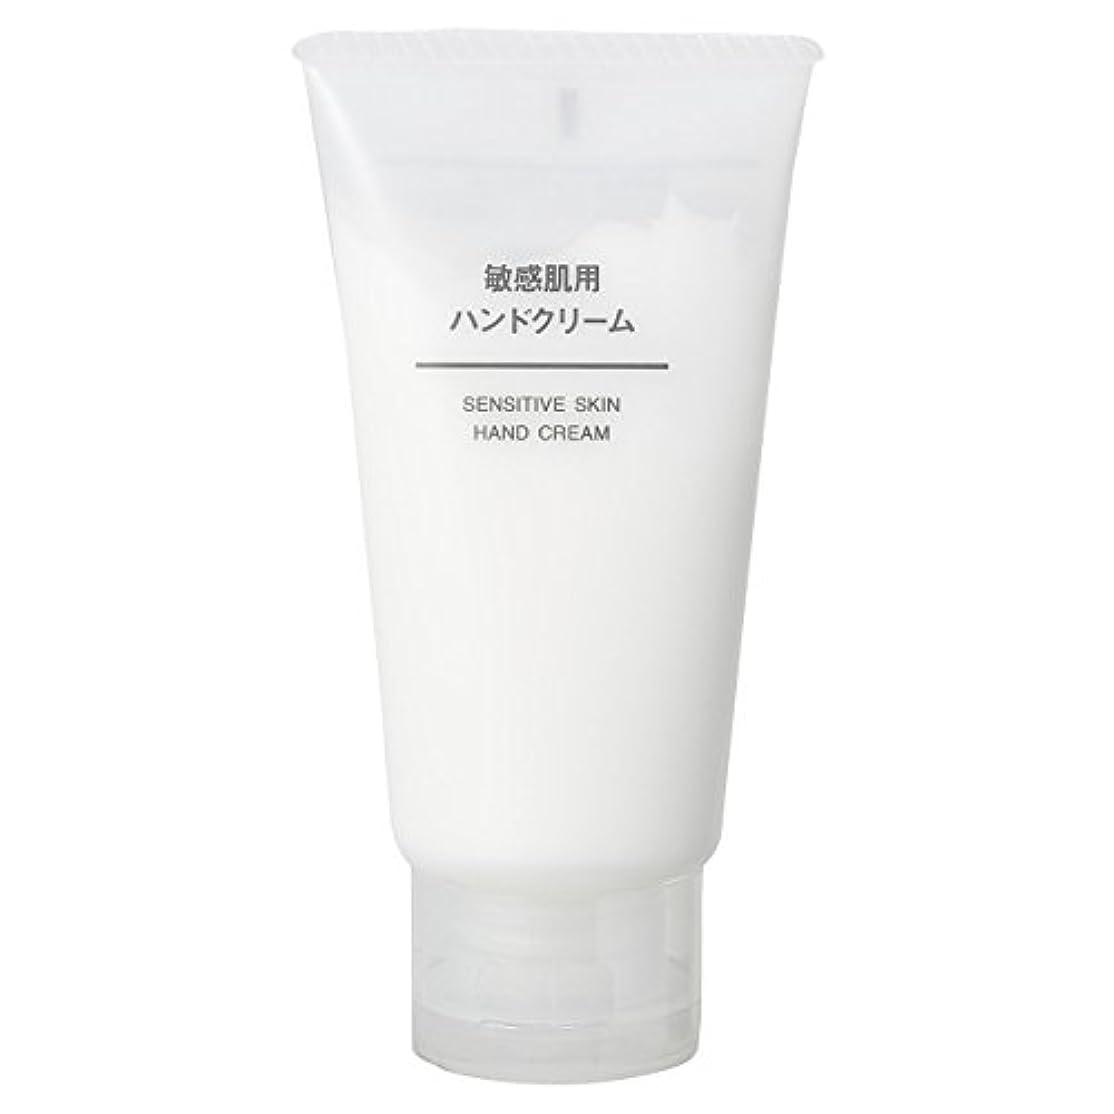 レンジ新着音無印良品 敏感肌用 ハンドクリーム 50g 日本製